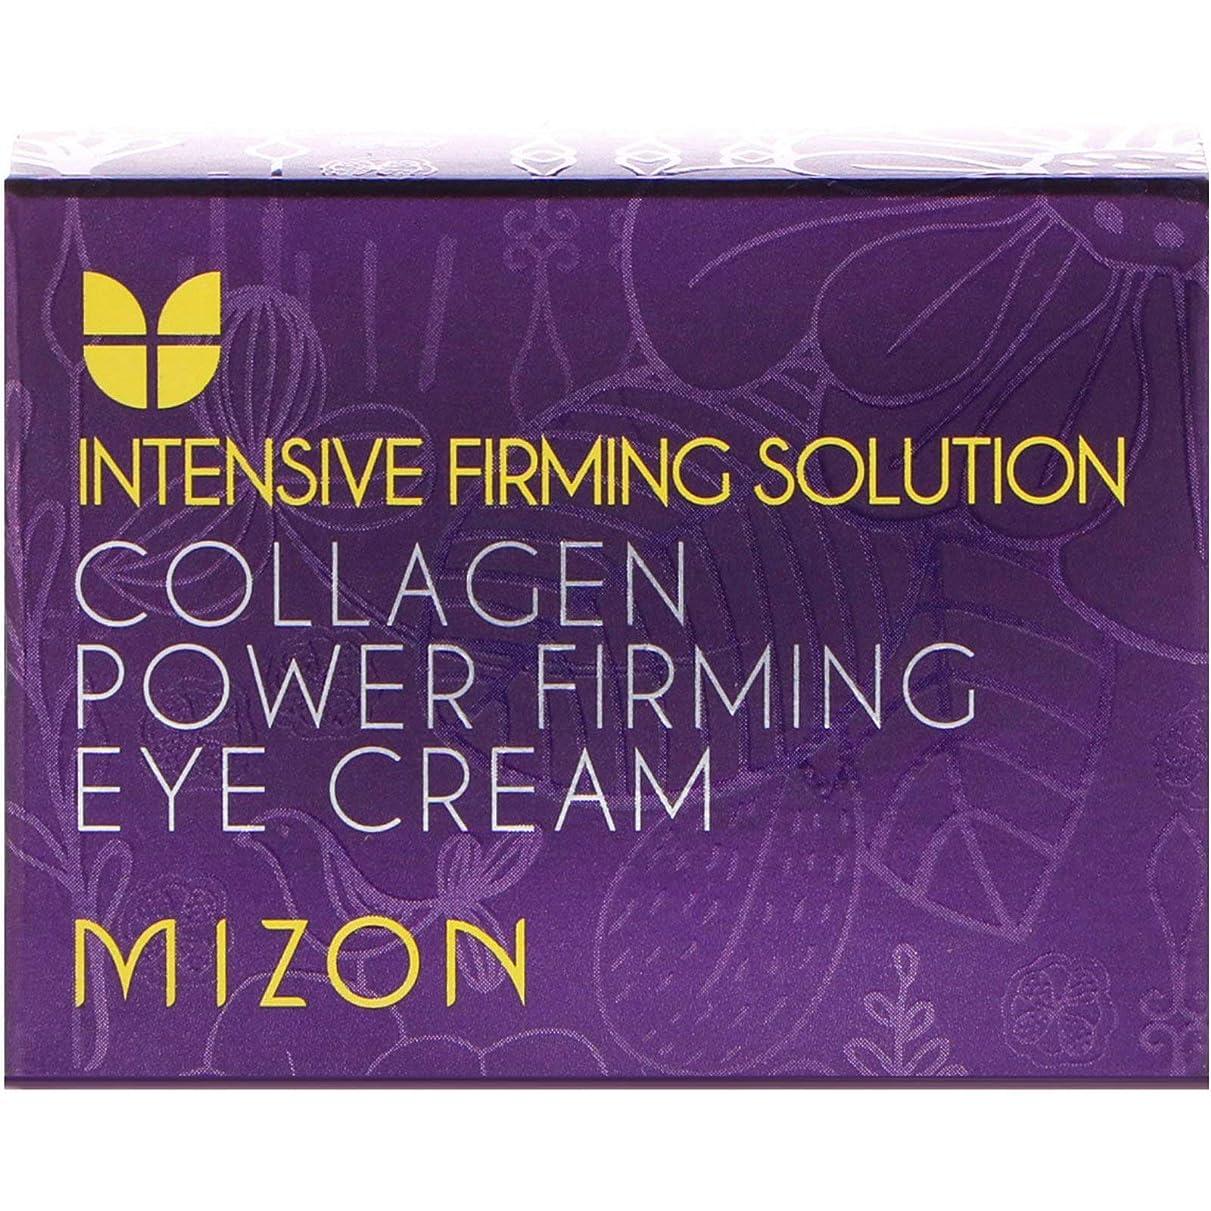 地下室オーストラリアりんごMIZON Collagen Power Firming Eye Cream (並行輸入品)